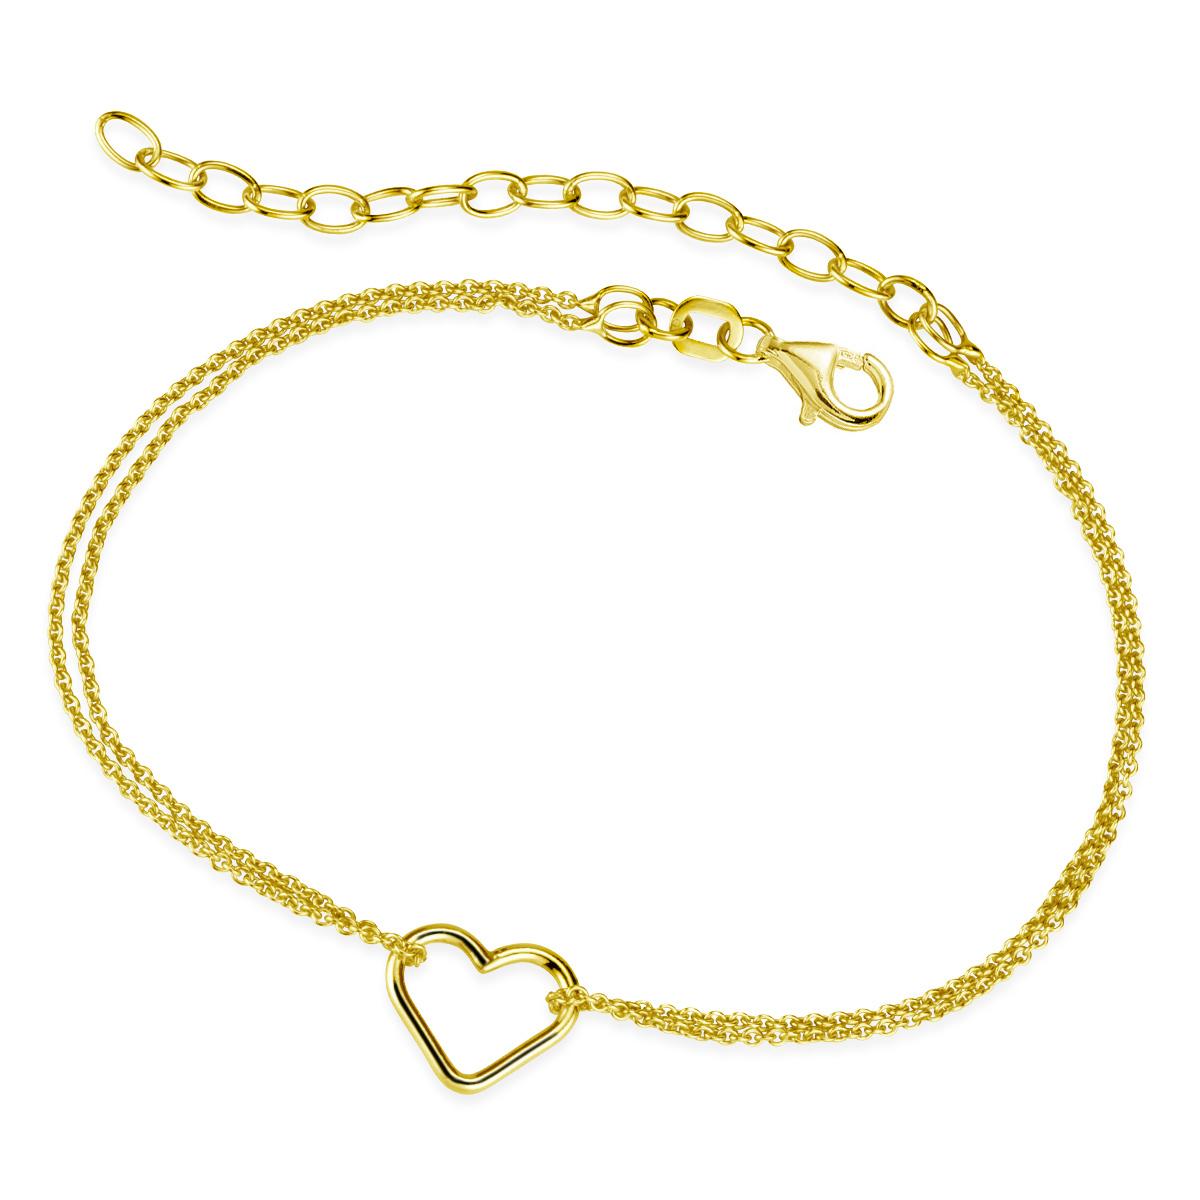 Damen Armkette Herz 925 Silber Armband Kette vergoldet 18-23cm